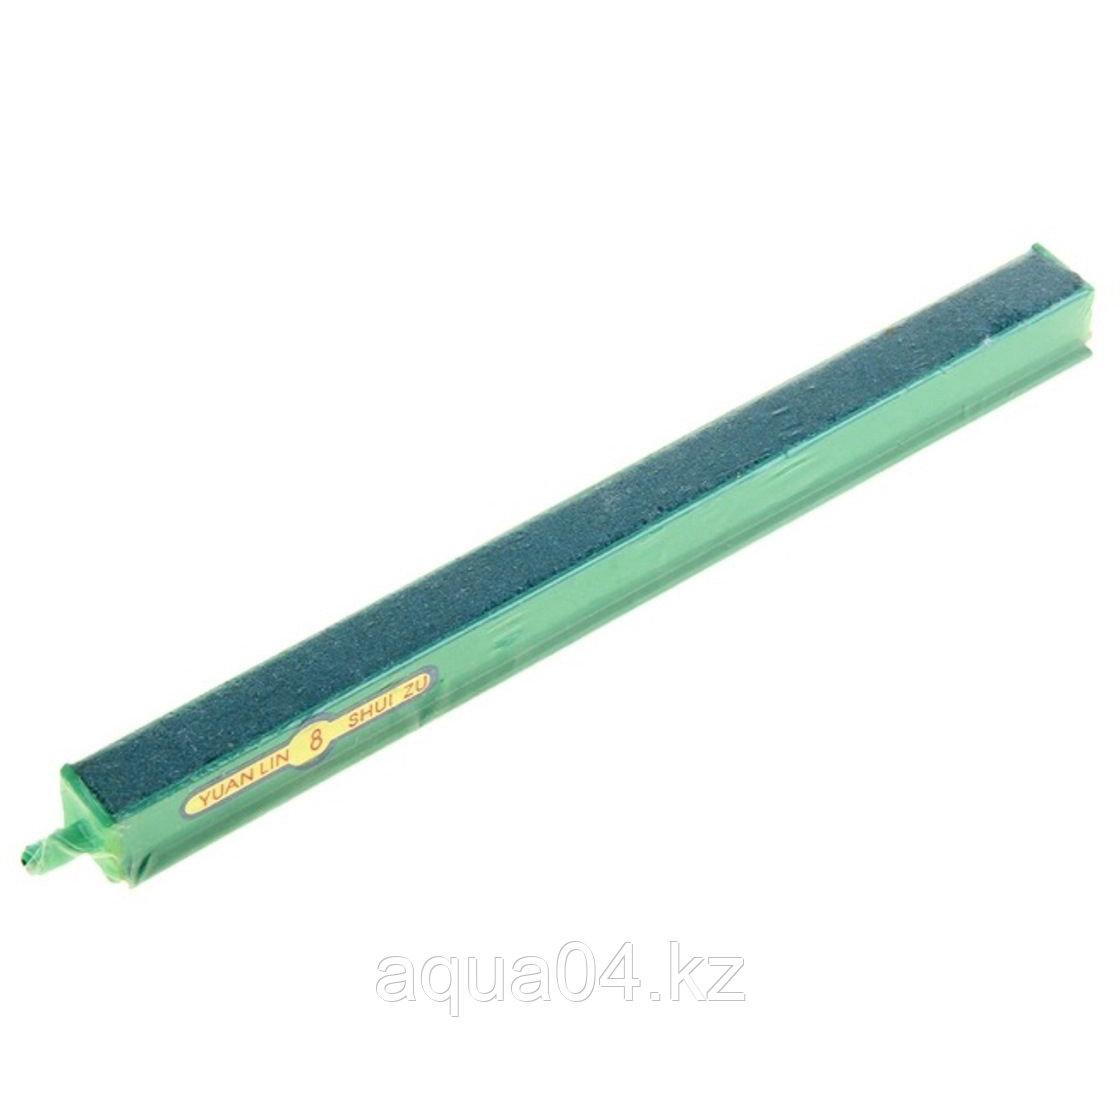 ALEAS Распылитель в пластиковой основе 45 см